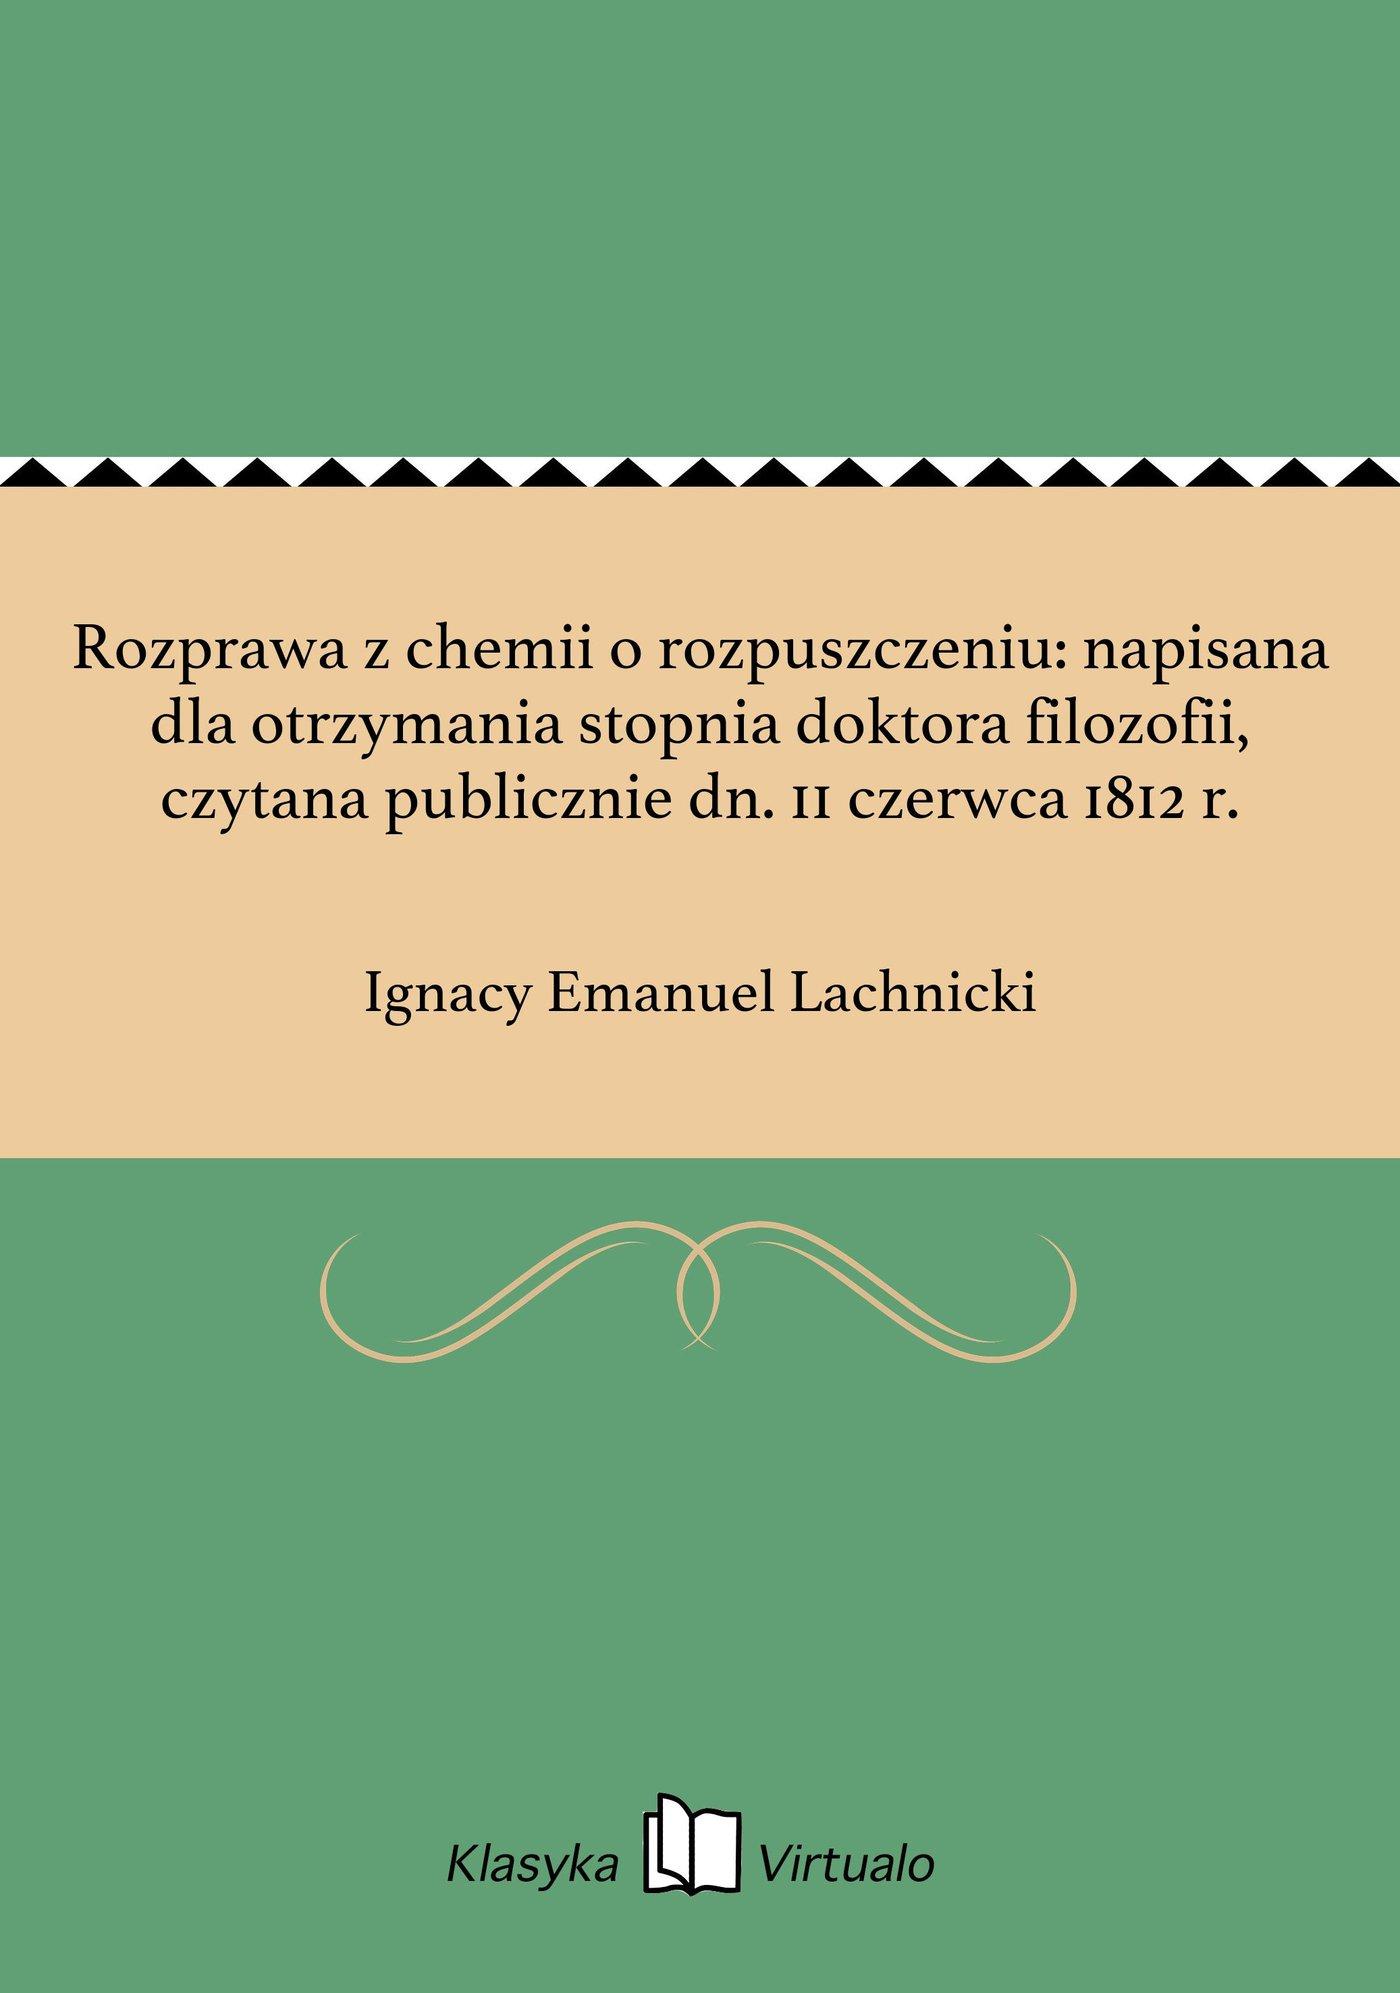 Rozprawa z chemii o rozpuszczeniu: napisana dla otrzymania stopnia doktora filozofii, czytana publicznie dn. 11 czerwca 1812 r. - Ebook (Książka EPUB) do pobrania w formacie EPUB